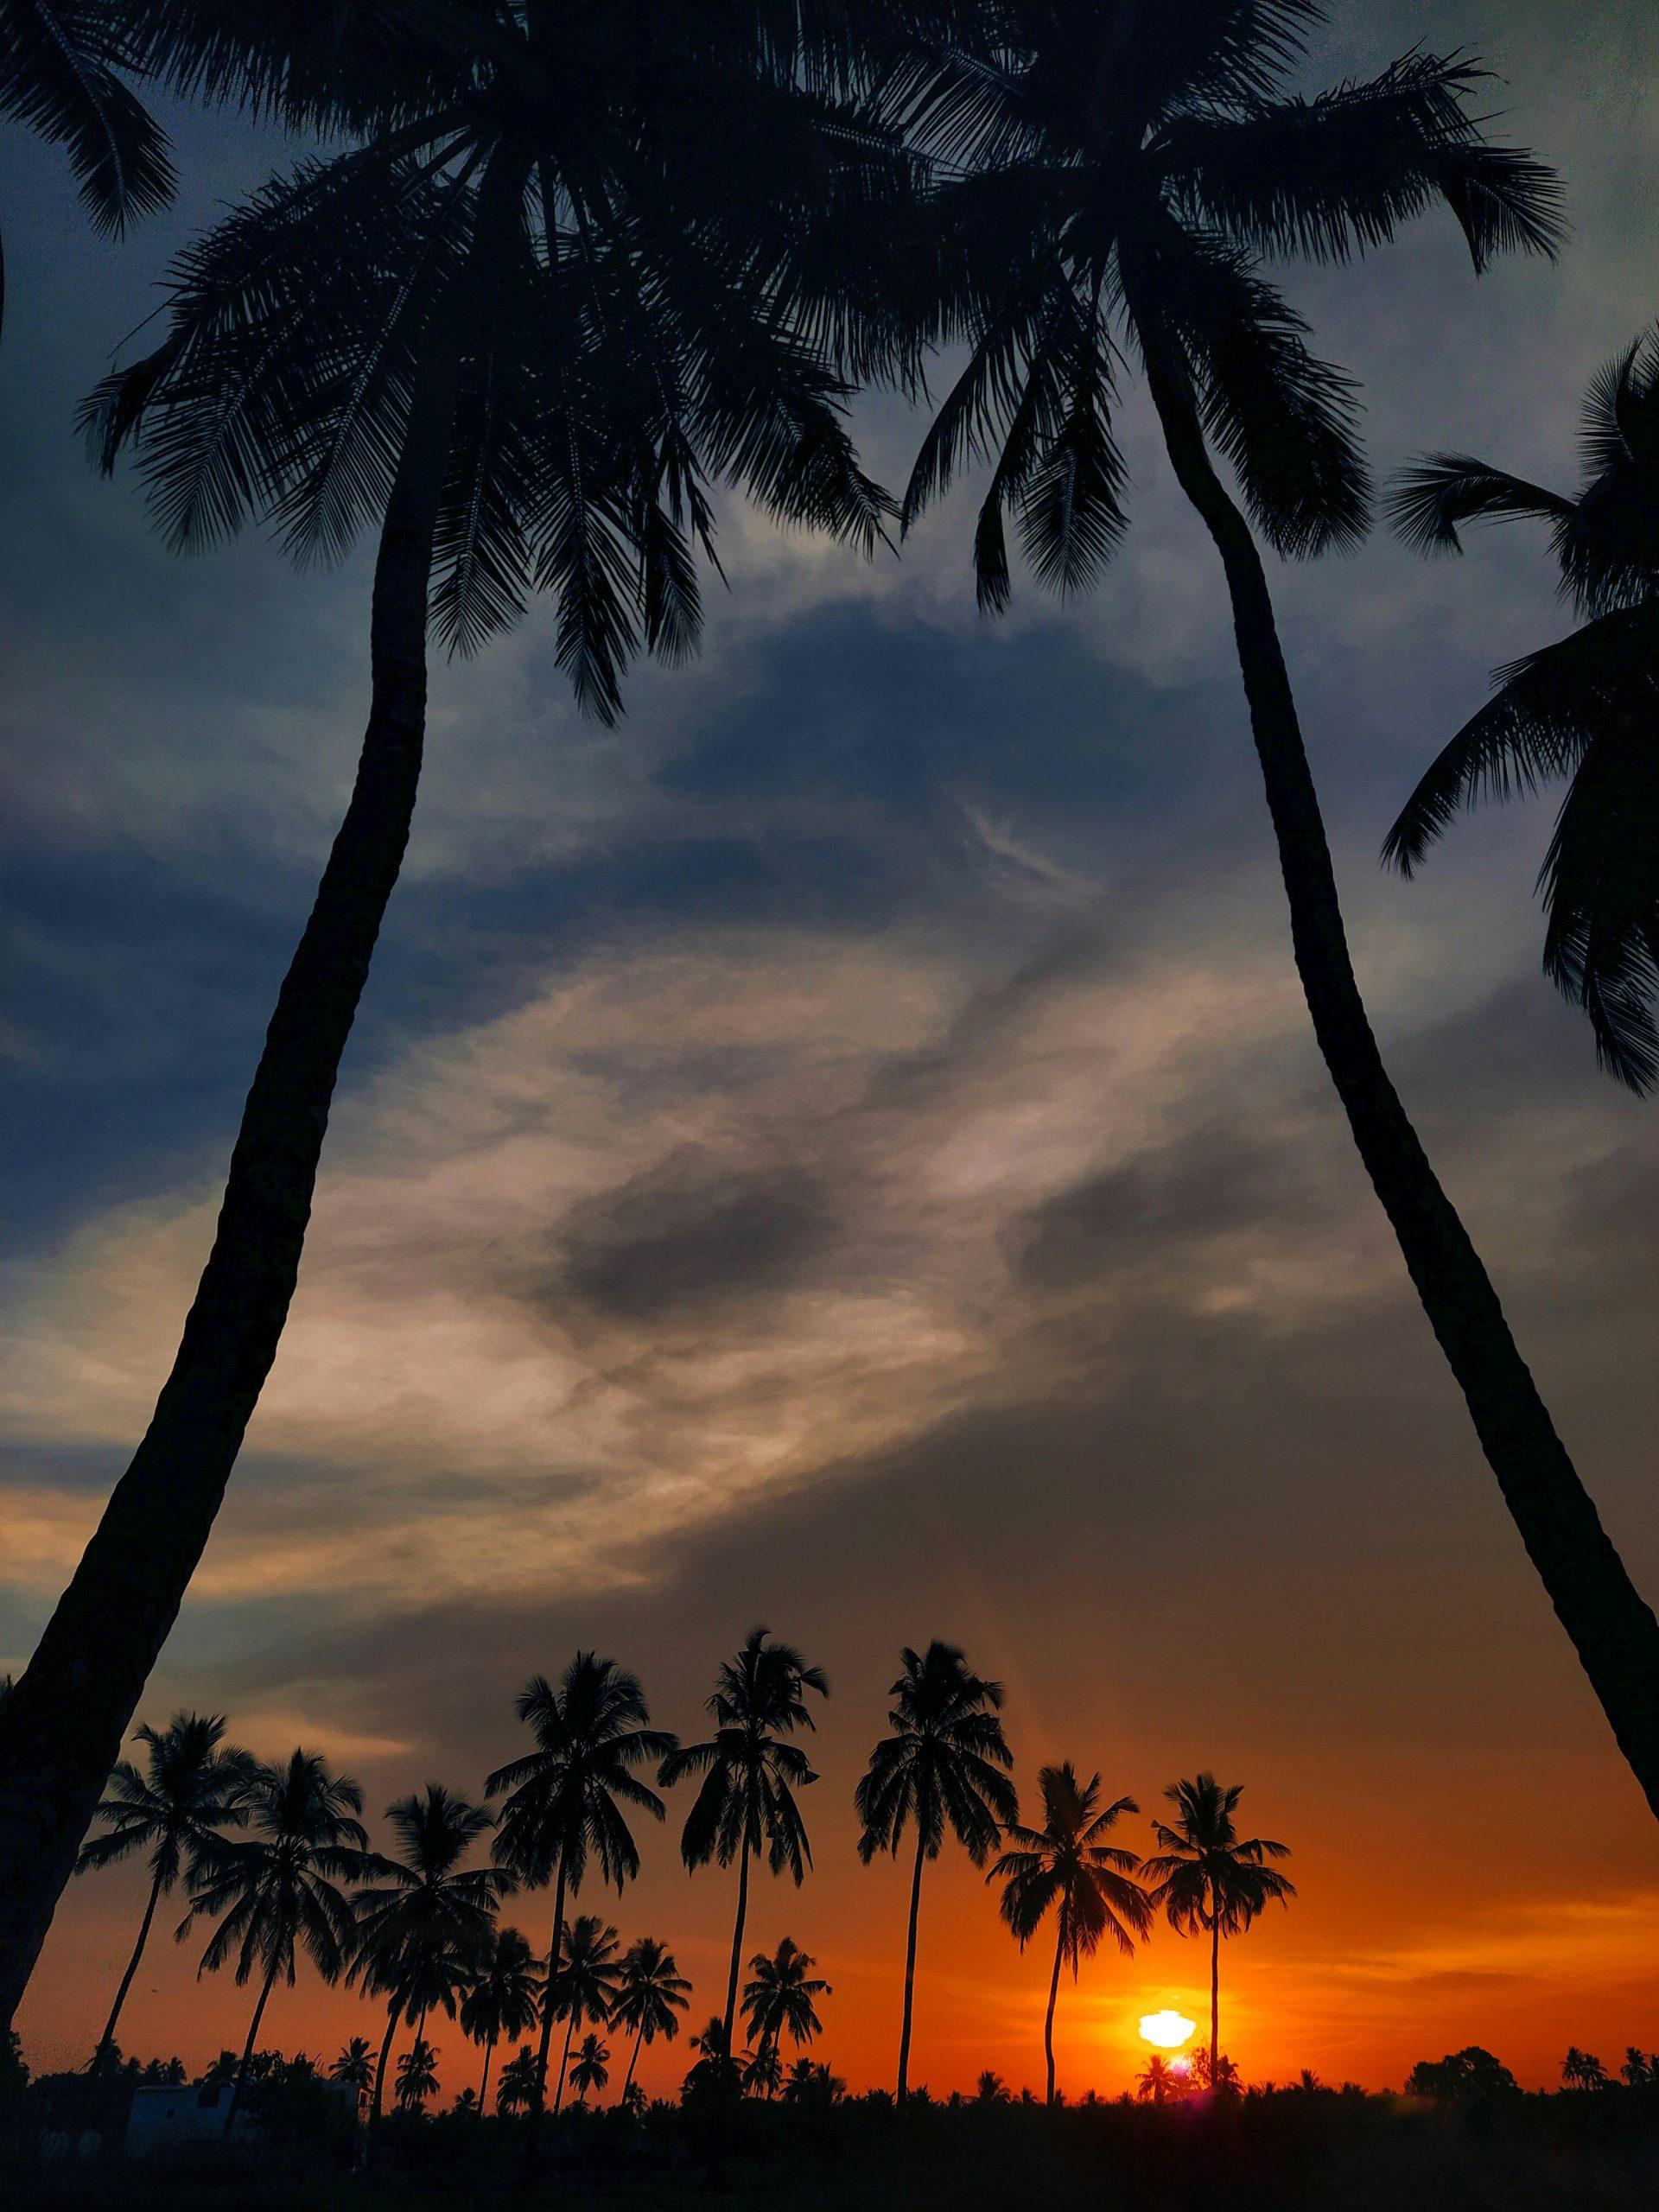 Sunrise in Kodinar